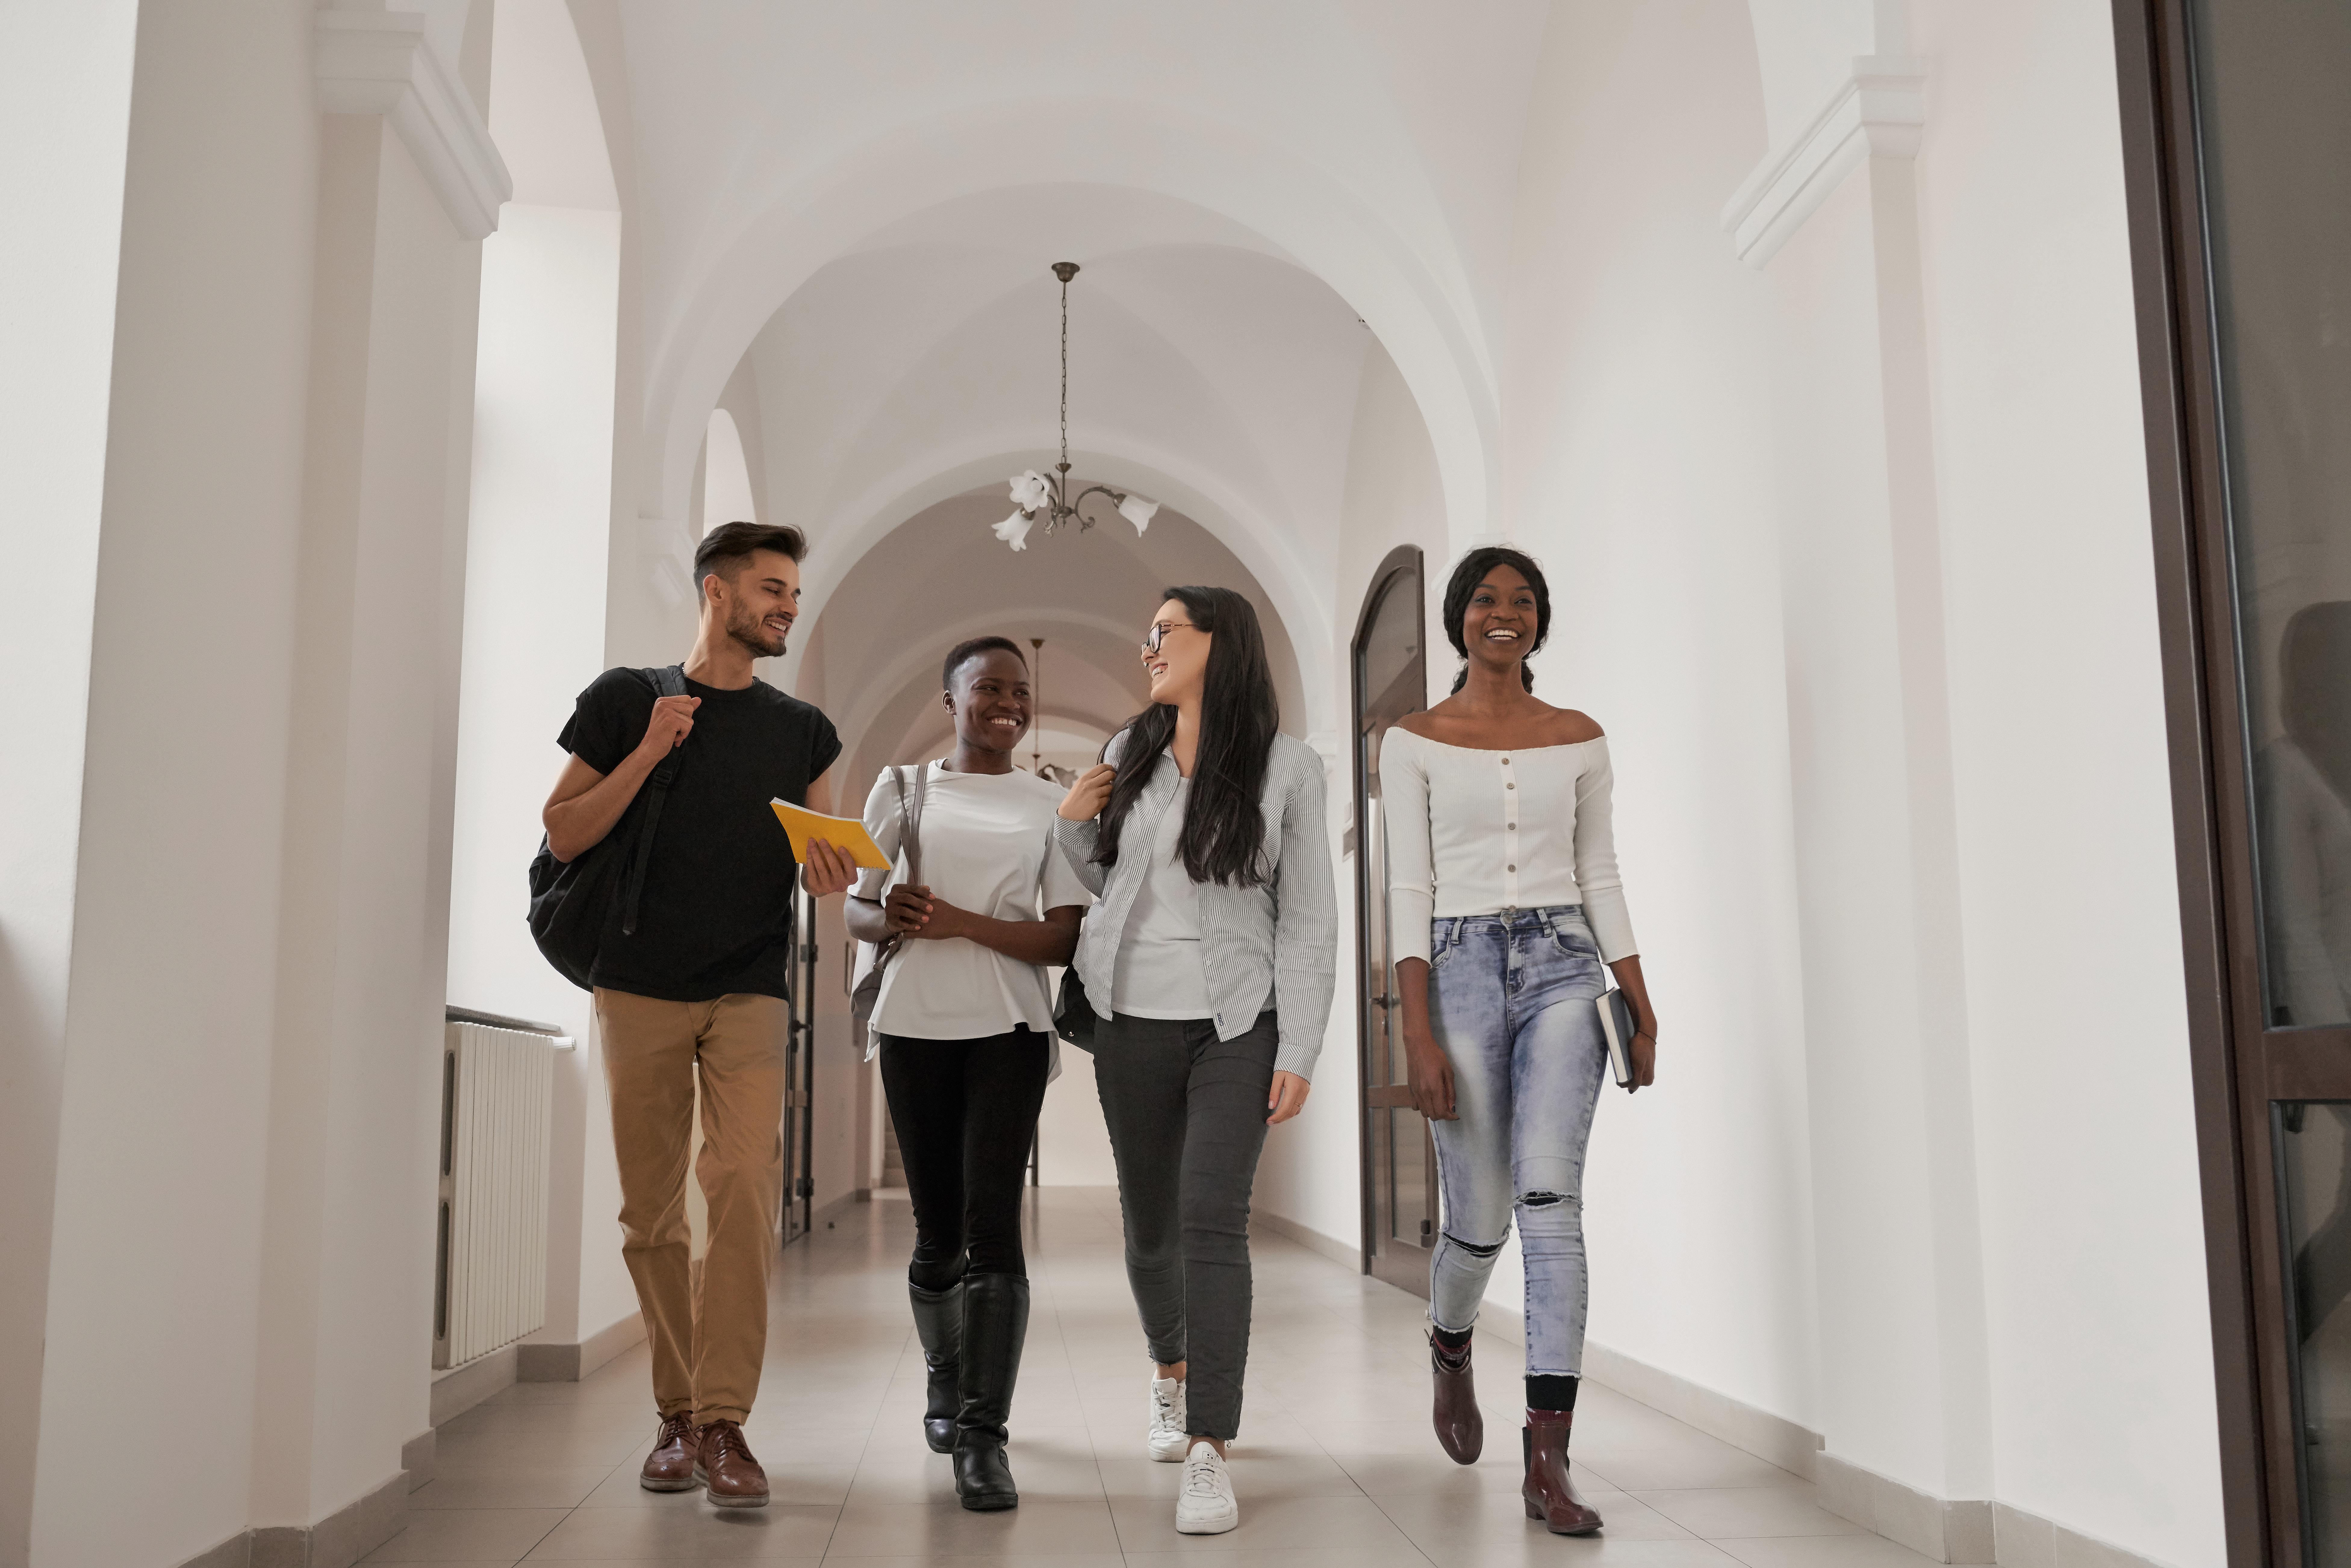 Студенты, которые могут получить ВНЖ Словении по учебе